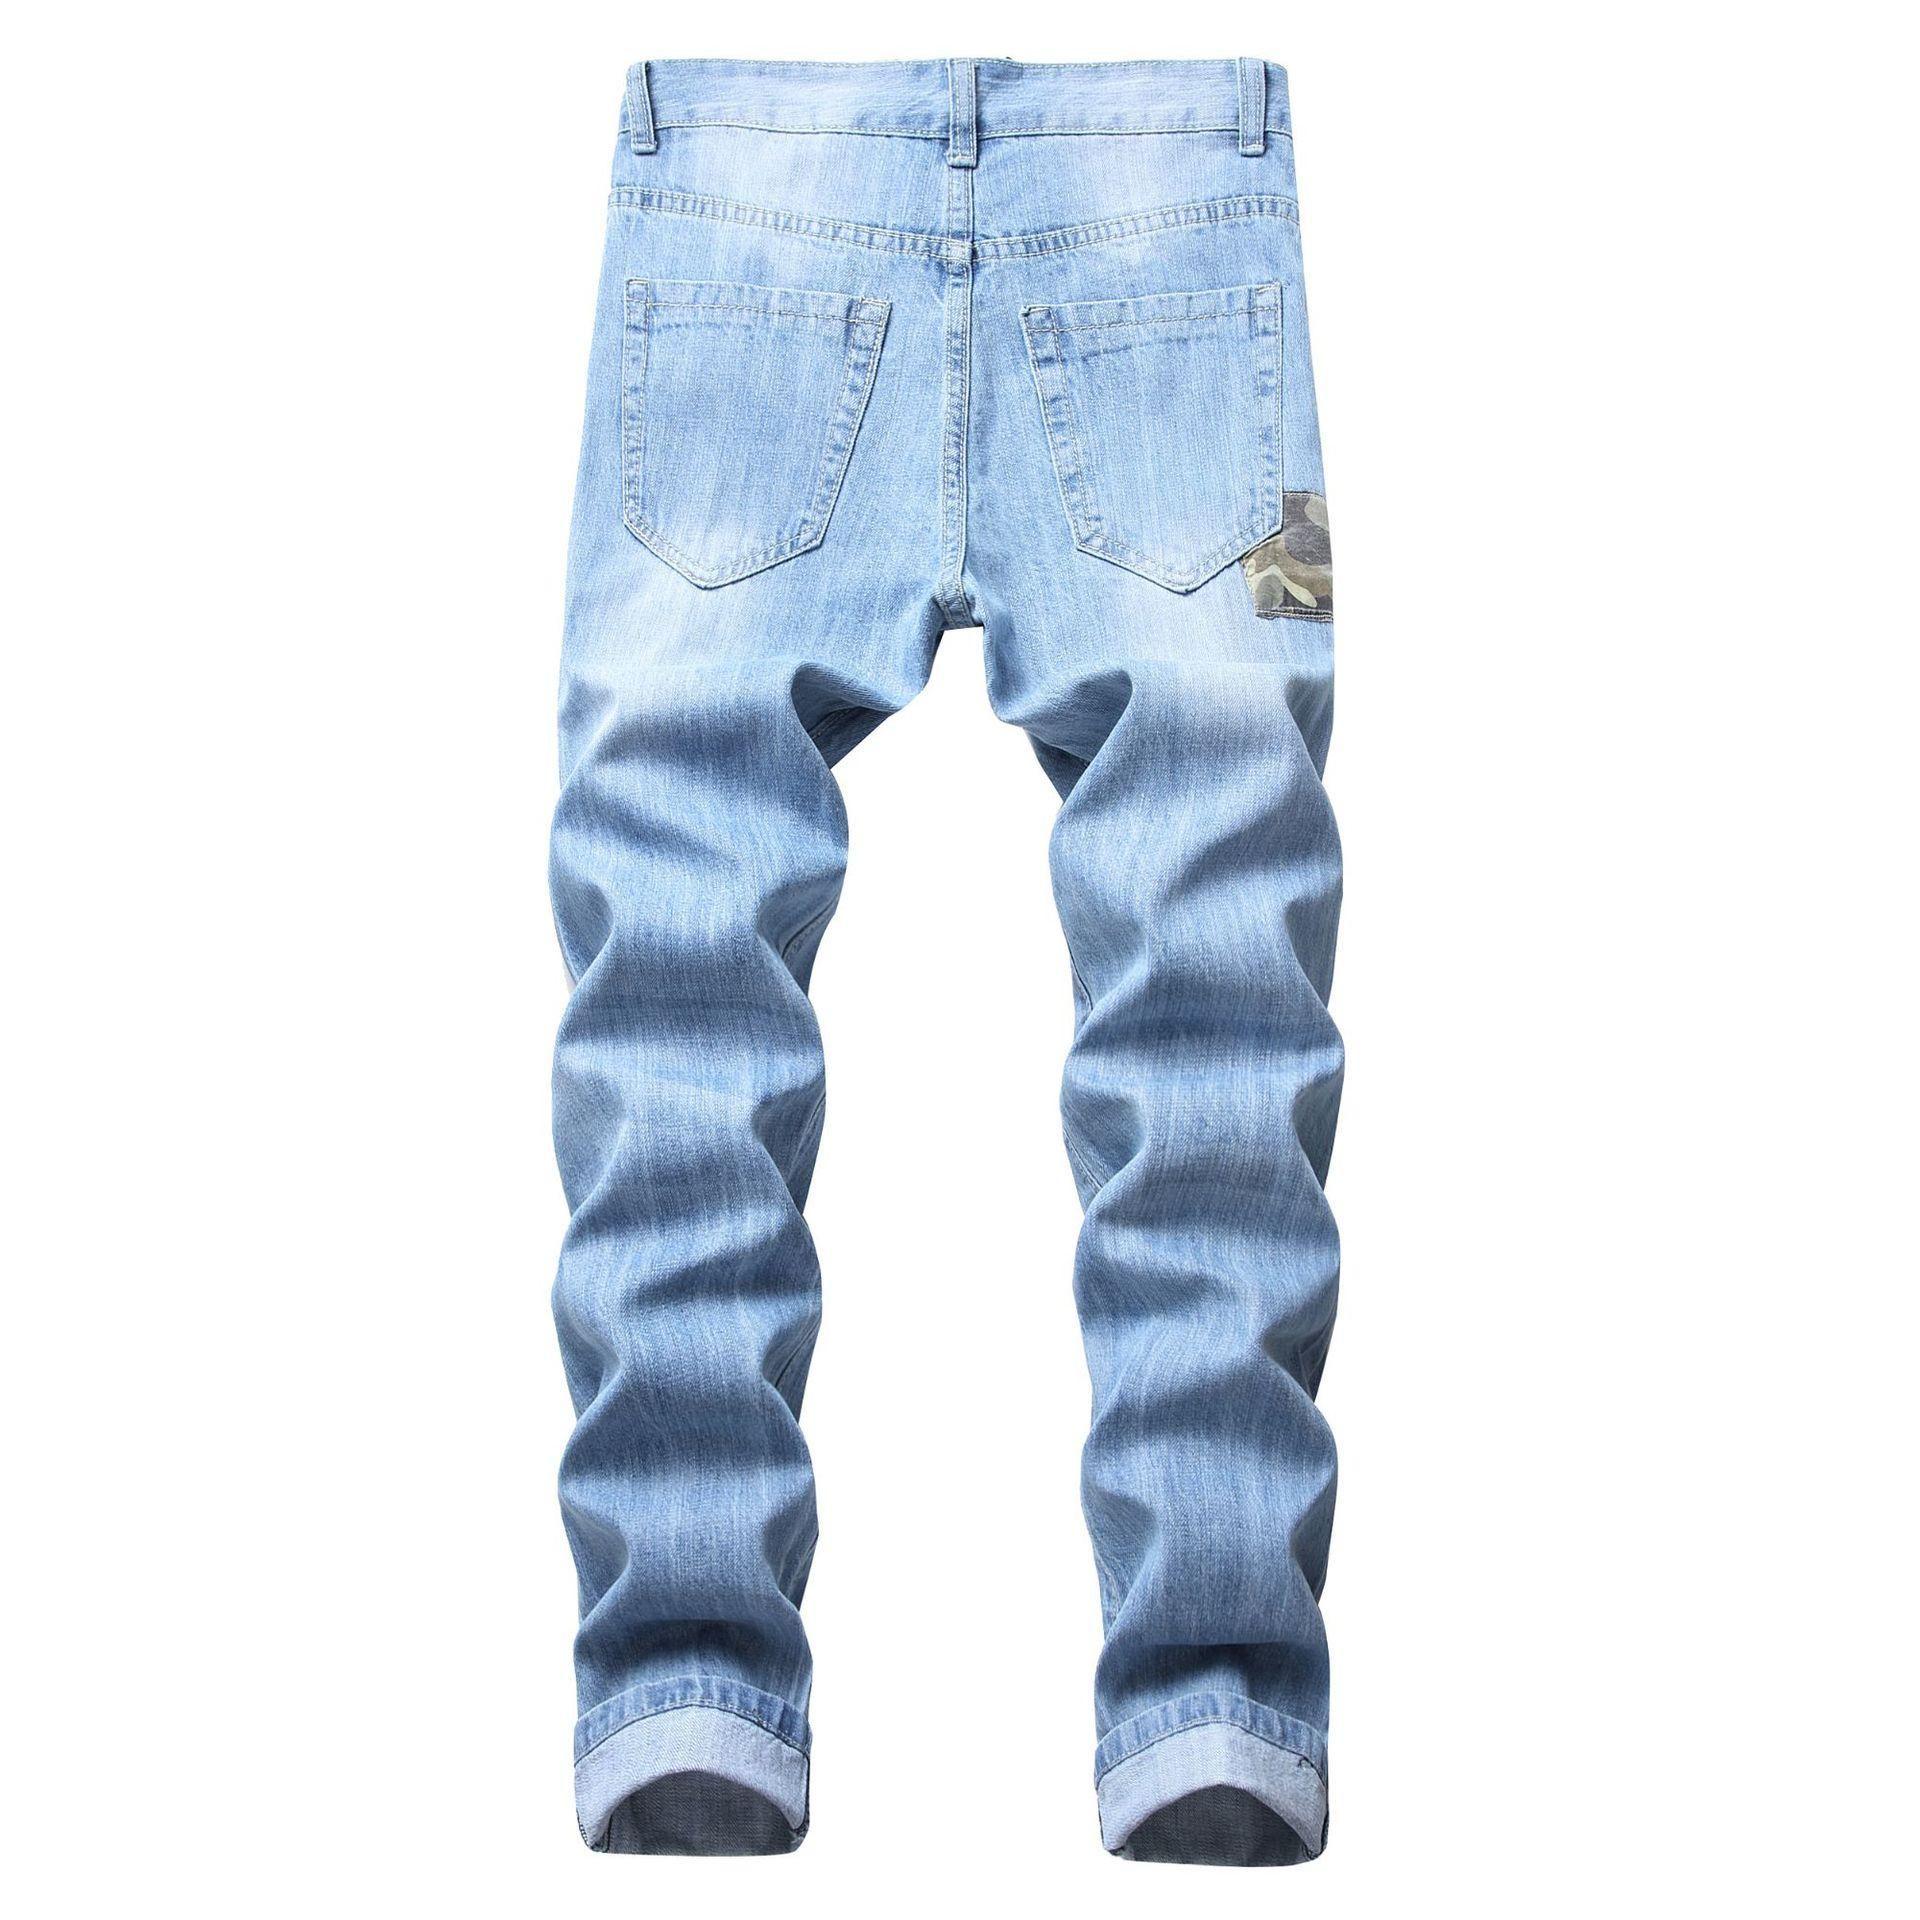 Hombres Jeans Stretch Destroyed Rasgado Diseño remiendo de la manera Vaqueros ajustados para los agujeros Hombre Slim Fit motorista de algodón de mezclilla pantalones Freeshipping